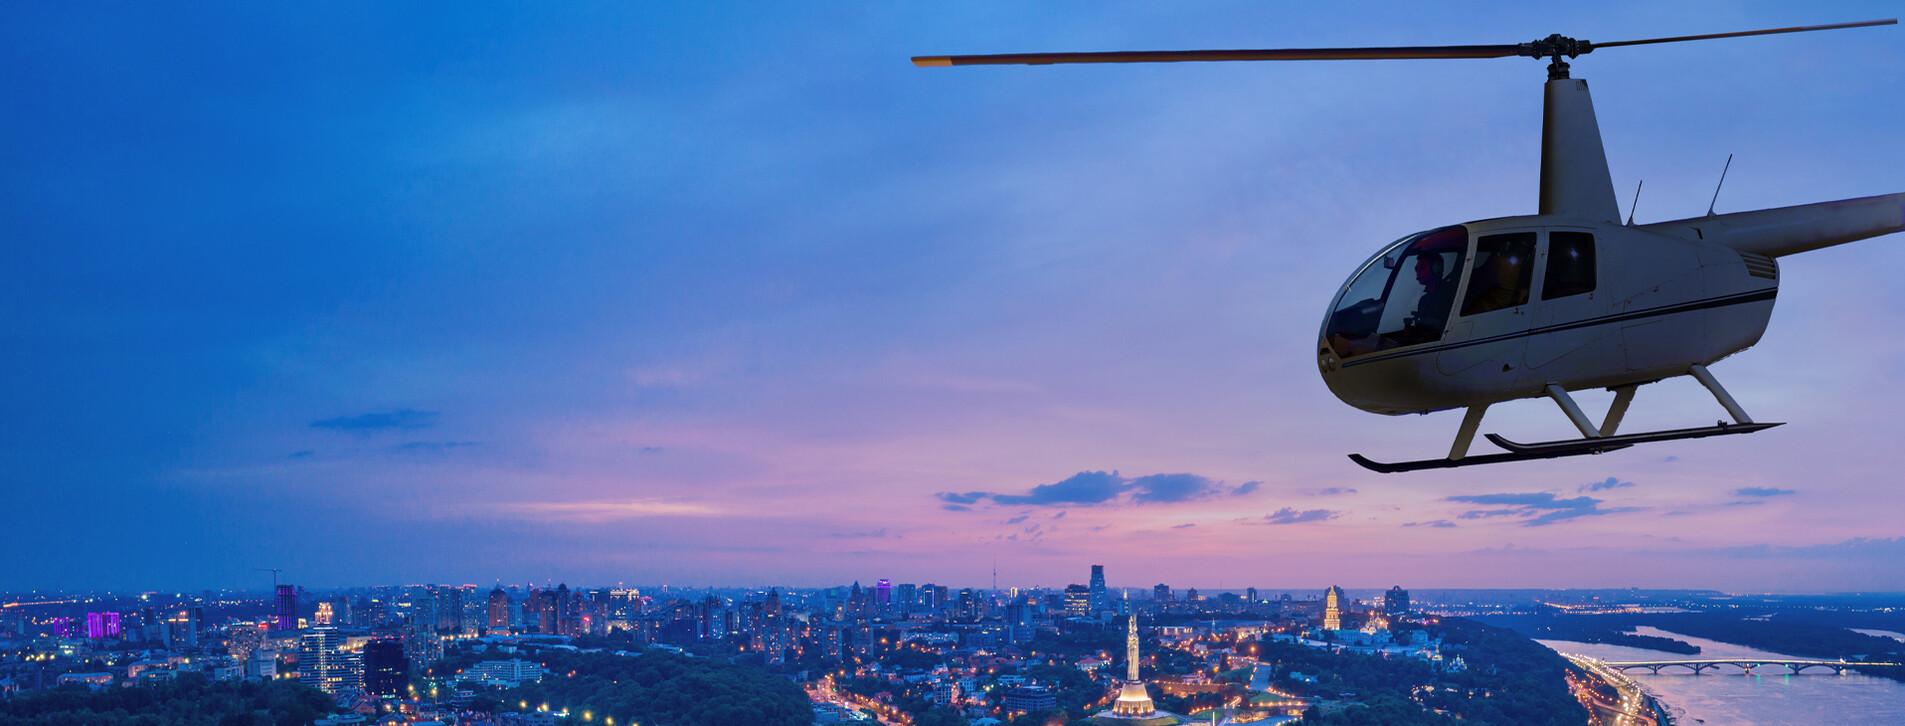 Фото 1 - Полет на вертолете над ночным Киевом для компании